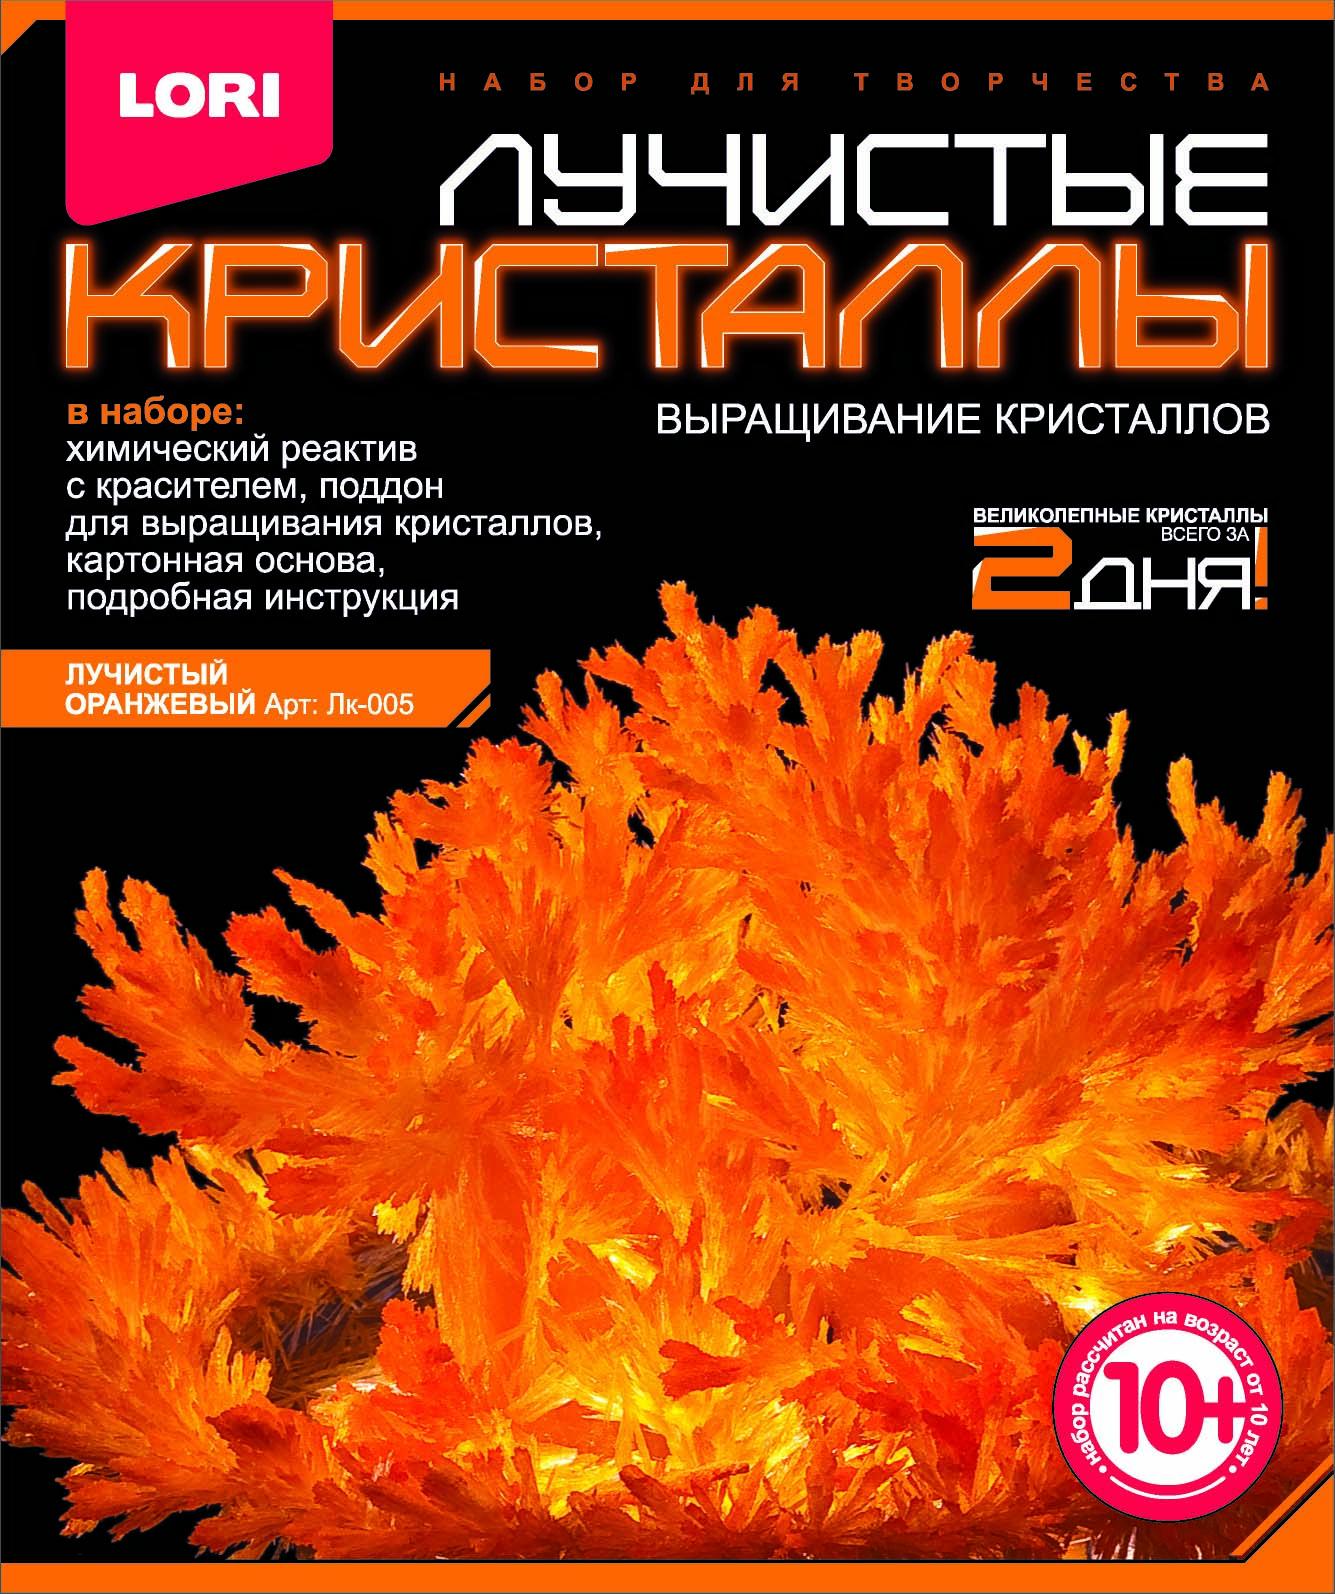 Набор для экспериментов Лучистые кристаллы Оранжевый кристалл